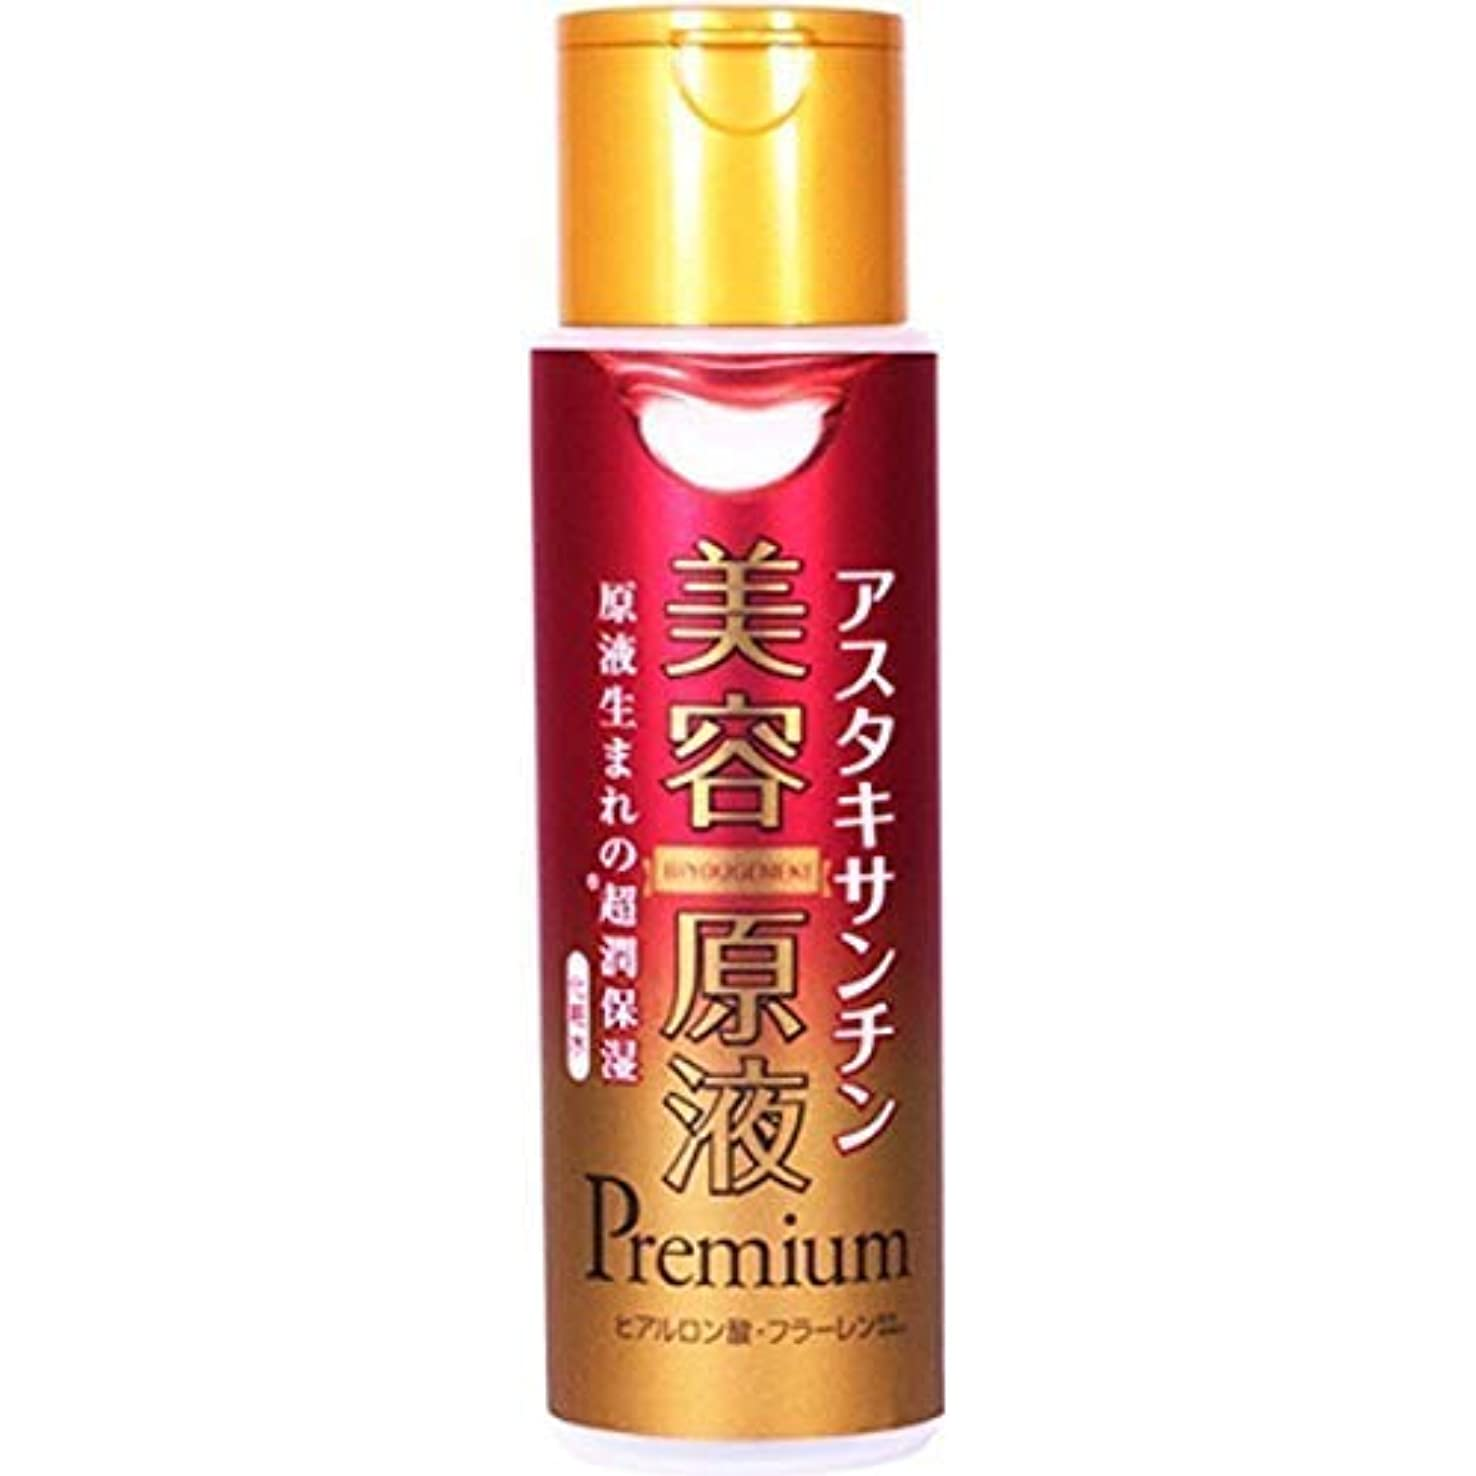 ストッキング方向エレクトロニック美容原液 超潤化粧水 ヒアルロン酸&アスタキサンチン 185mL (化粧水 エイジングケア 高保湿)